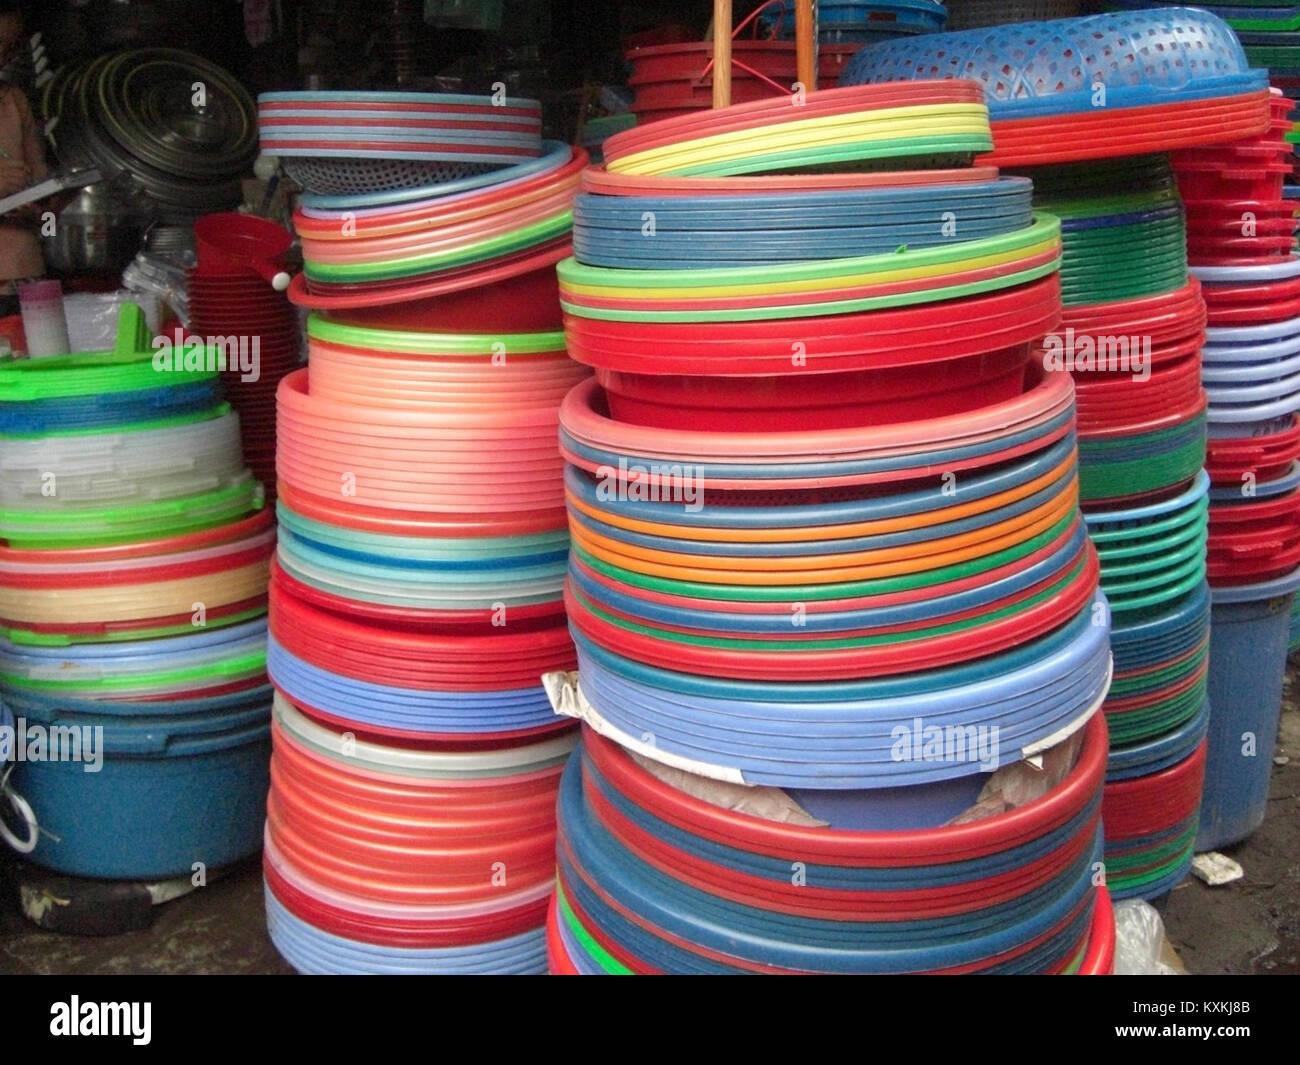 Bassines de toutes les couleurs marché à Hanoi - Stock Image